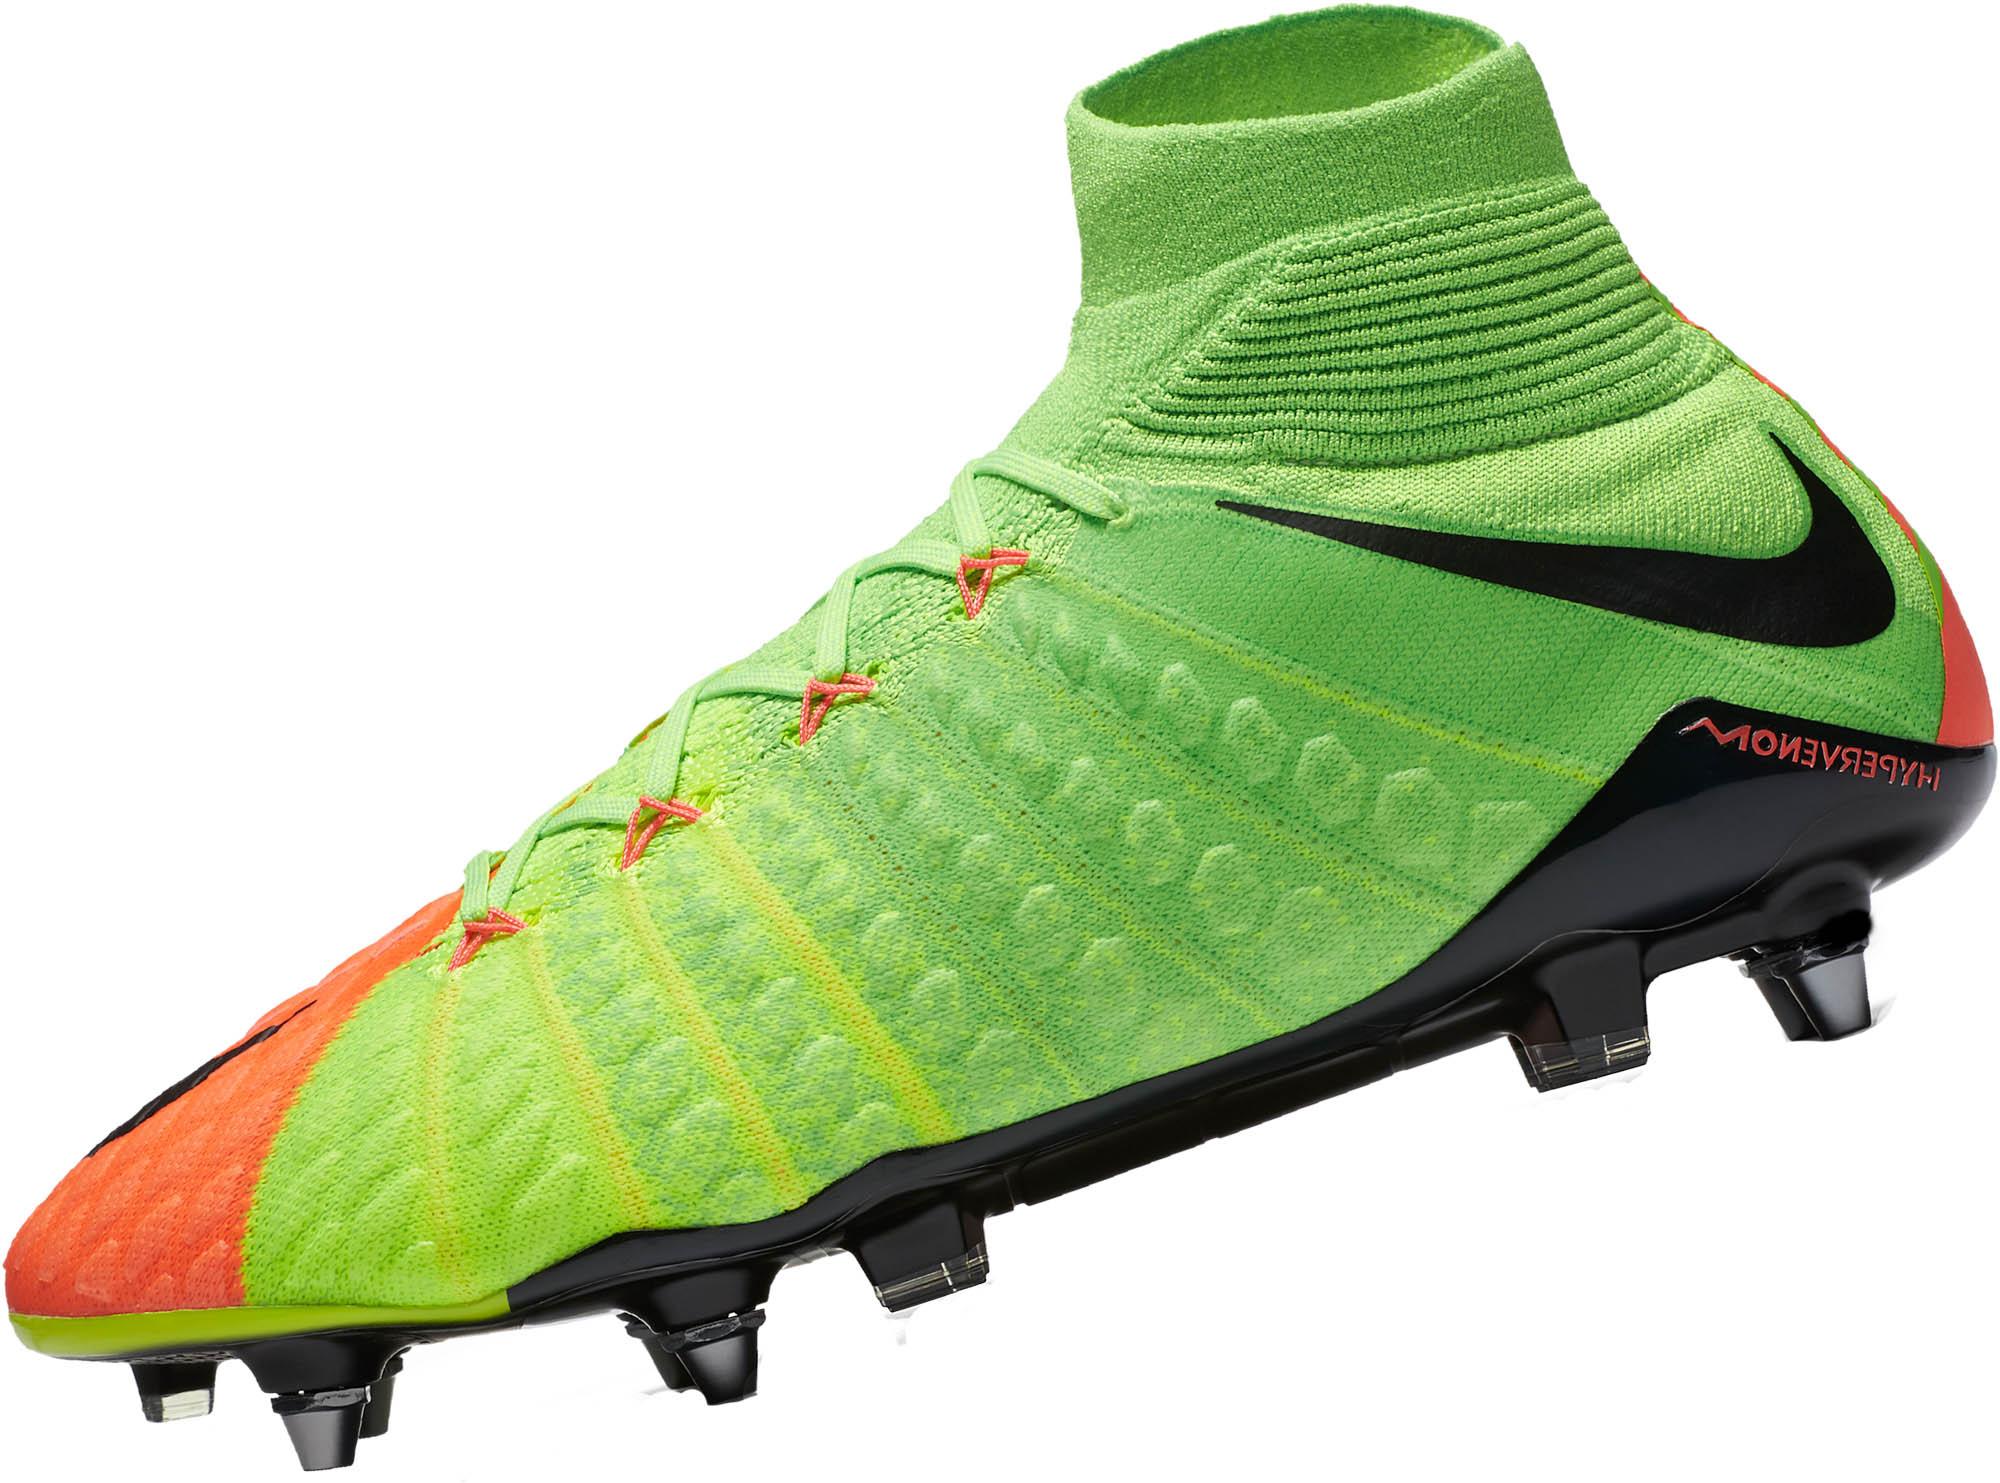 Estados Unidos código promocional amplia selección Nike Hypervenom Phantom DF III SG-Pro - Electric Green ...